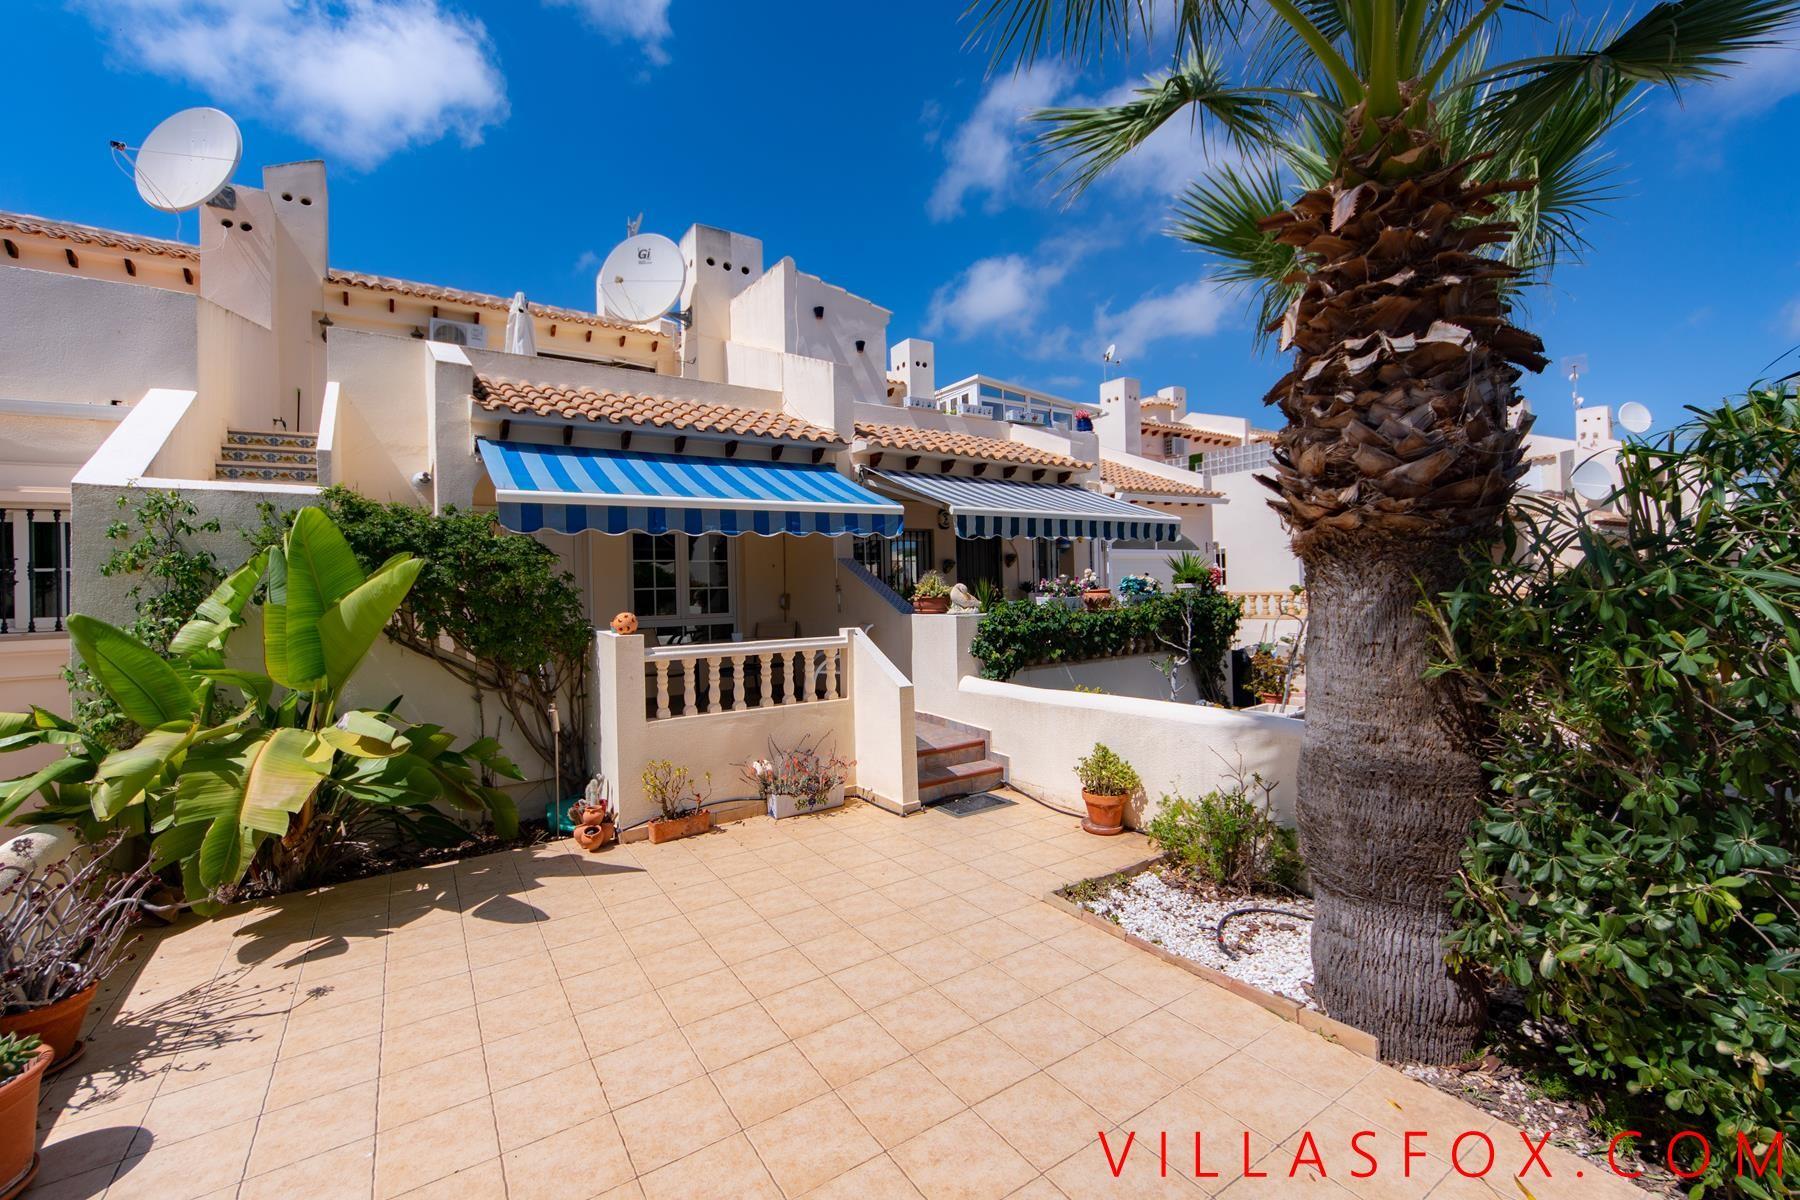 Las Ramblas Golf 2-bedroom, 2-bathroom bungalow villa with gardens